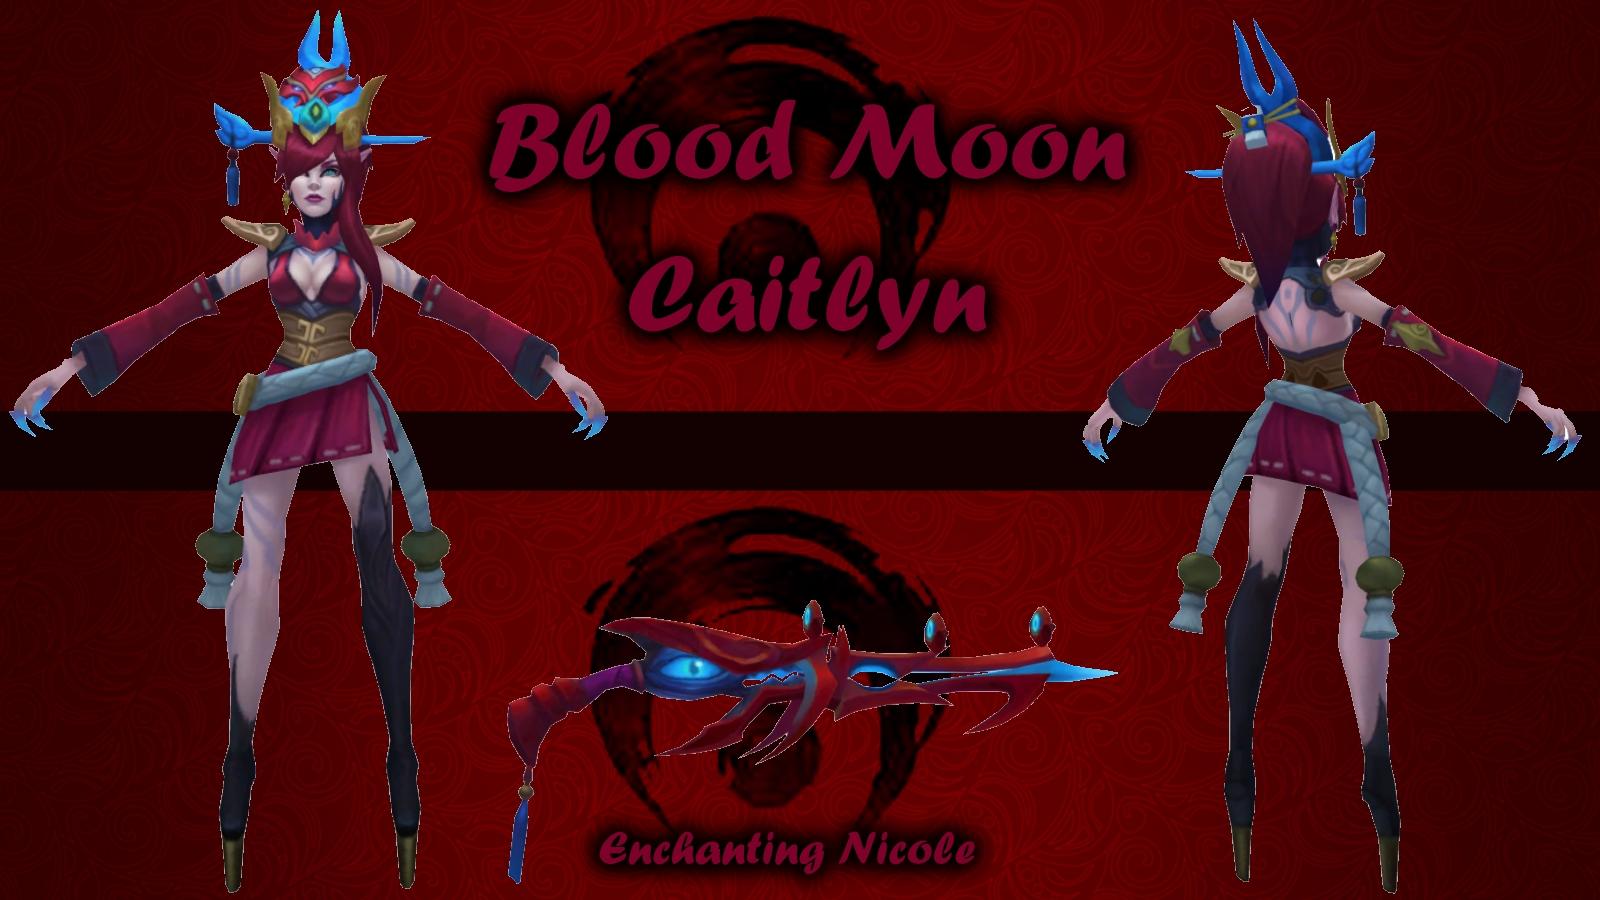 Blood Moon Caitlyn